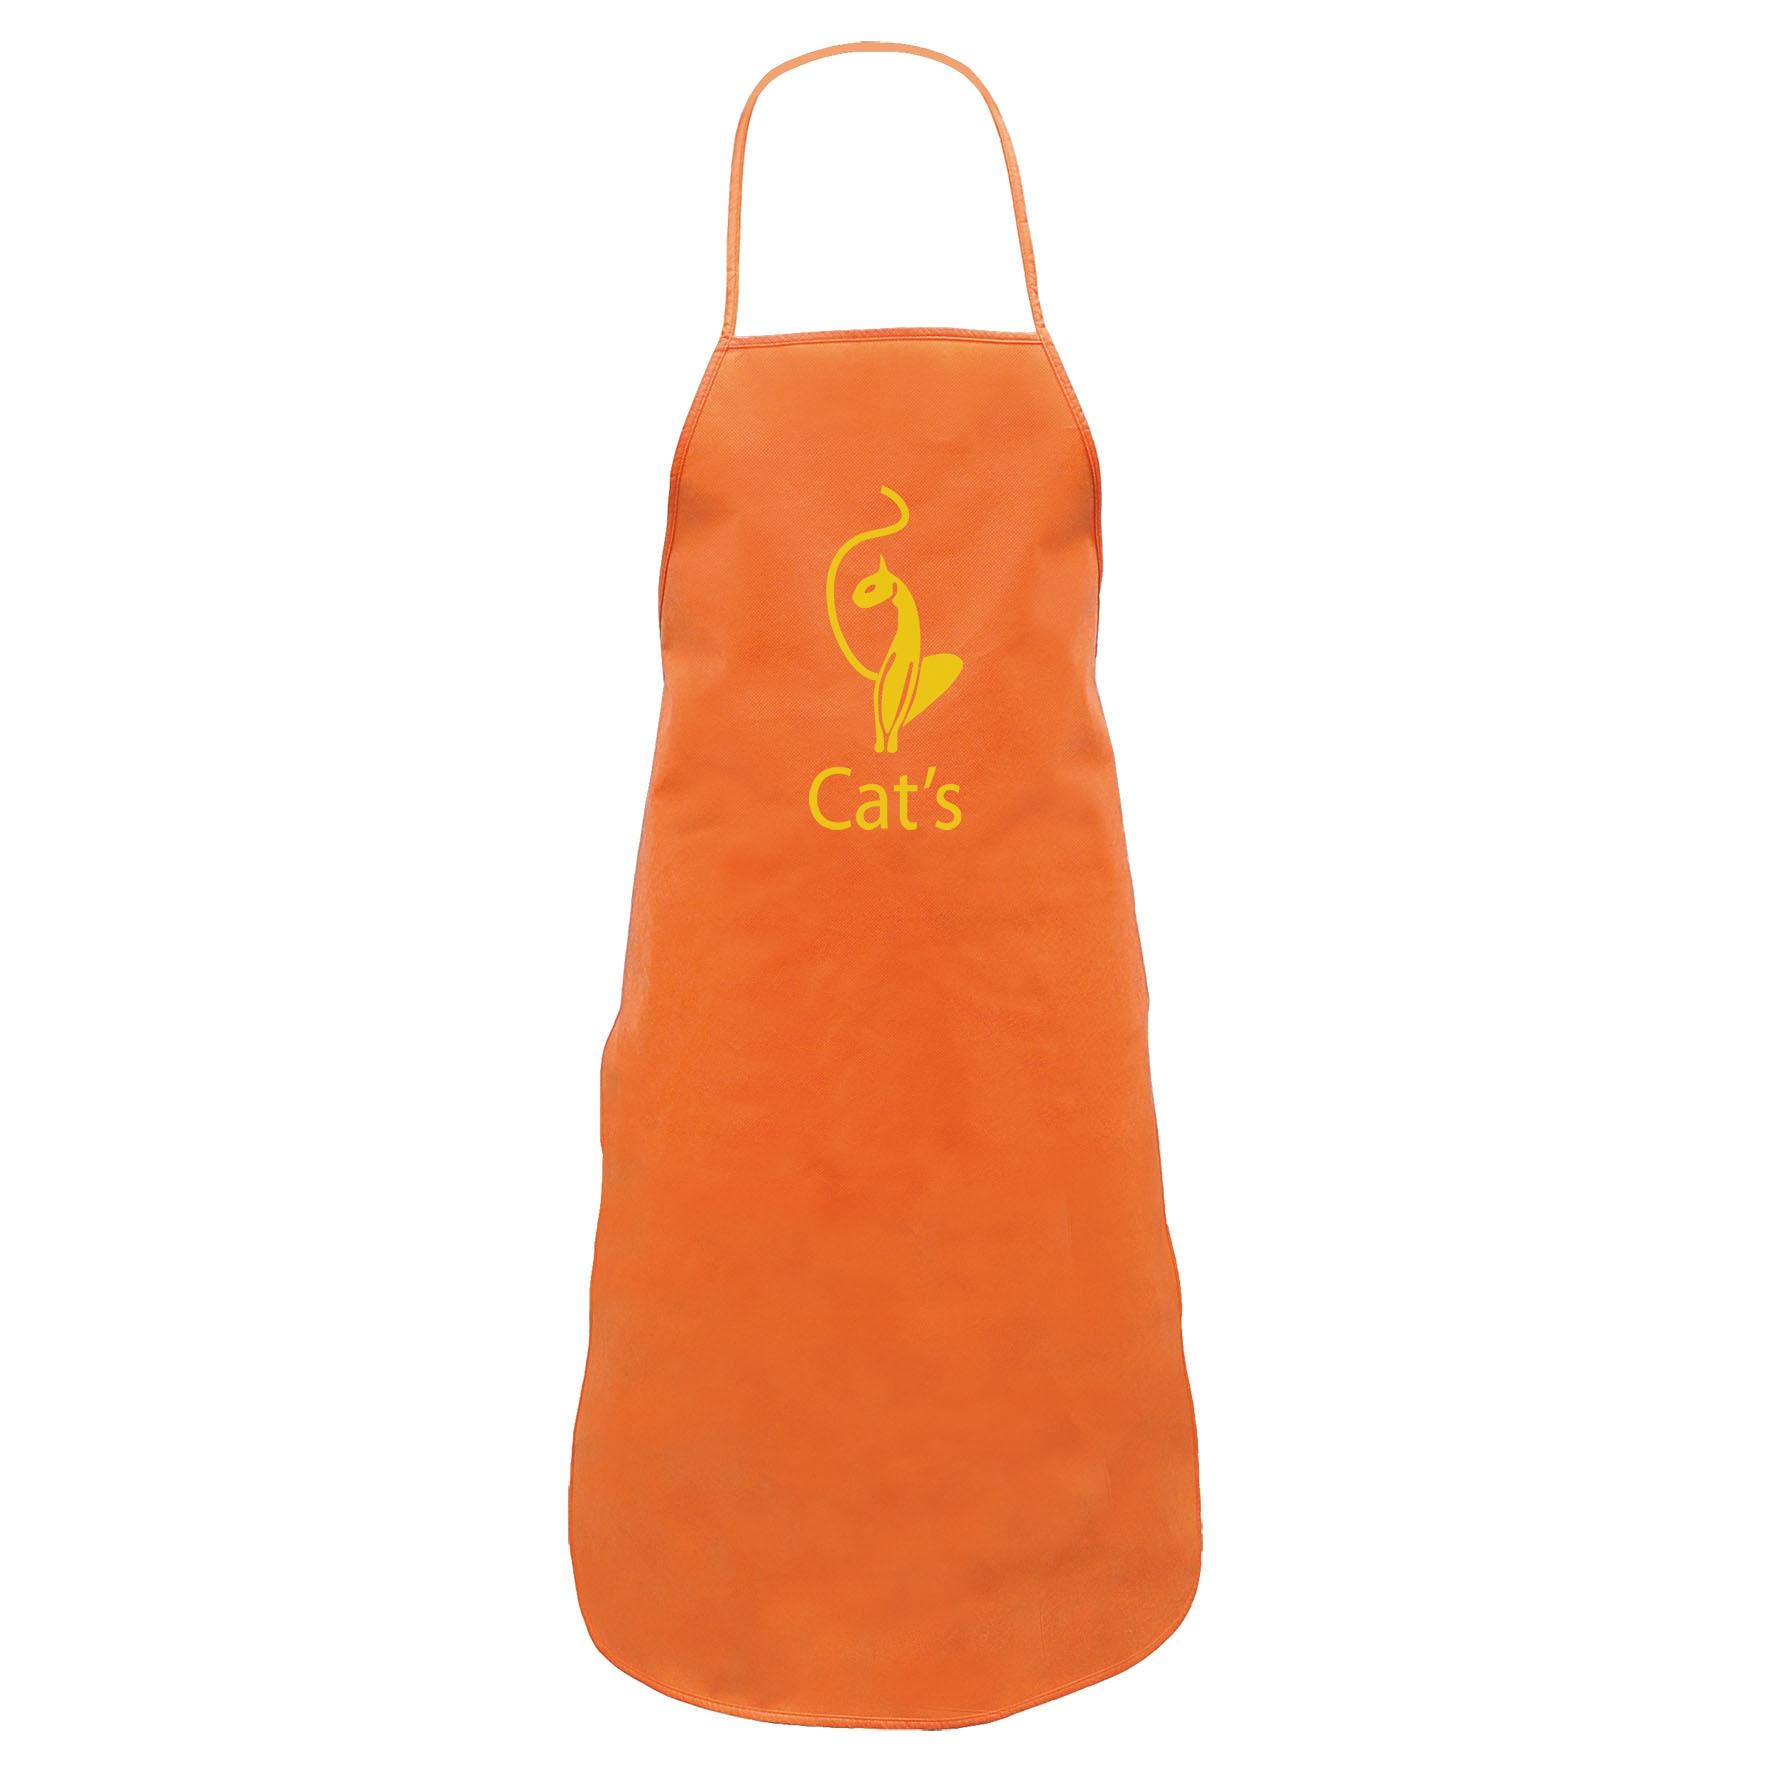 Cadeau promotionnel - Tablier de cuisine publicitaire Cooking